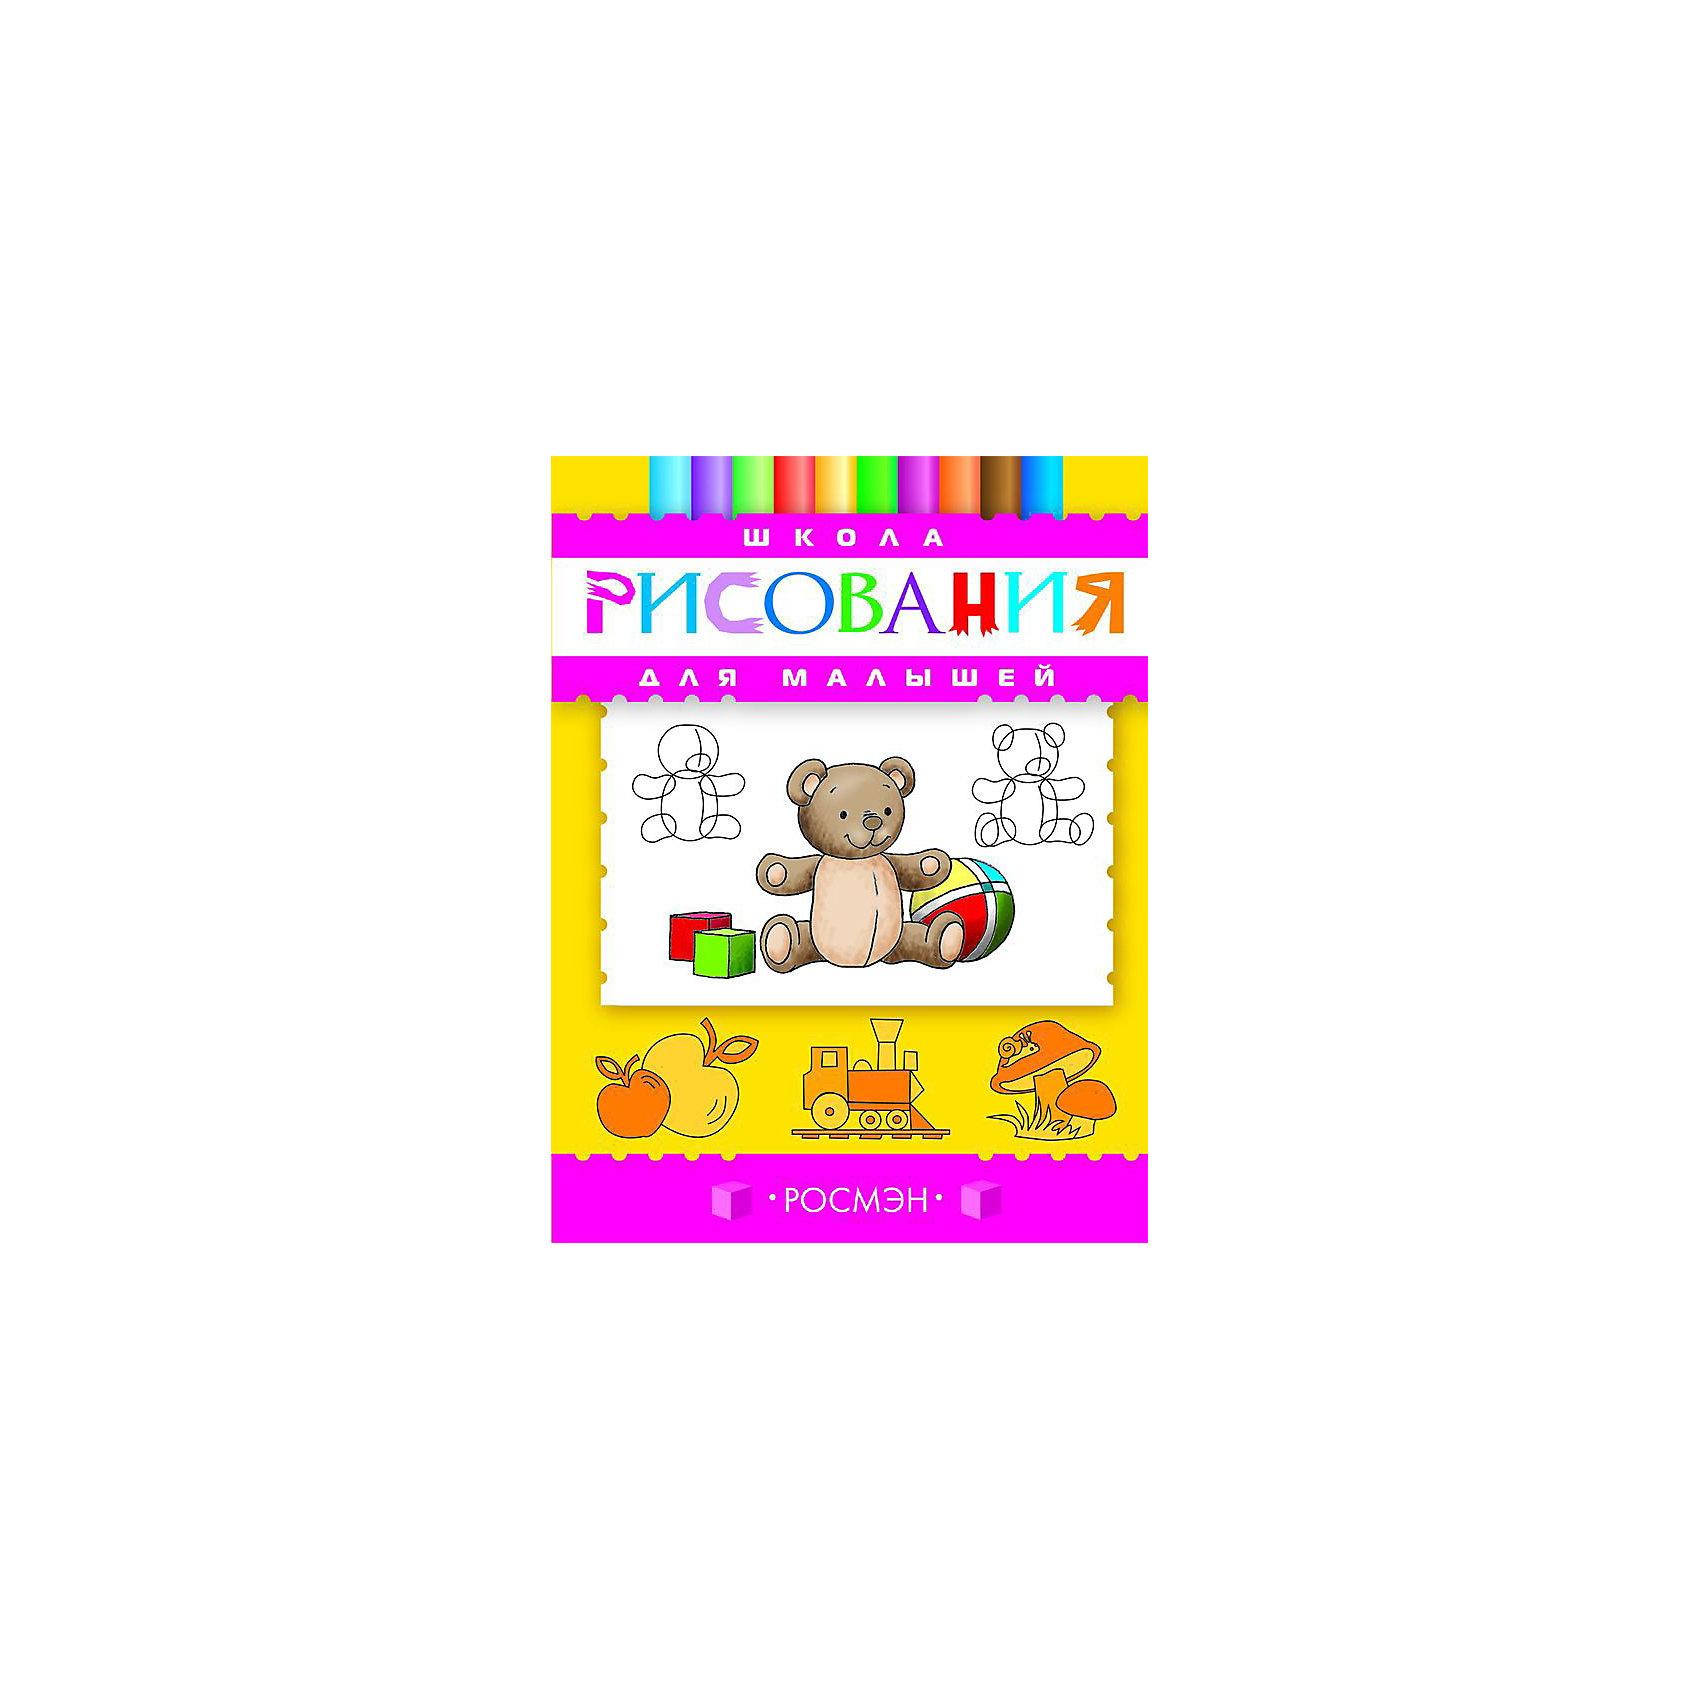 Школа рисования для малышейШкола рисования для малышей, Росмэн – это книга поможет вашему ребенку научиться рисовать.<br>Вы хотите научить своего ребенка рисовать? Тогда подарите ему книгу Школа рисования для малышей. Доходчивые описания помогут малышам быстро и без труда освоить технику рисунка и раскрашивания самых разных предметов, людей, животных, птиц, сказочных героев.<br><br>Дополнительная информация:<br><br>- Художник-иллюстратор: Стасюк Т.<br>- Тип переплета (обложка): мягкая<br>- Размер: 193 x 255 мм.<br>- Количество страниц: 96<br>- Бумага: офсет<br>- Иллюстрации: цветные<br><br>Книгу «Школа рисования для малышей», Росмэн можно купить в нашем интернет-магазине.<br><br>Ширина мм: 250<br>Глубина мм: 195<br>Высота мм: 7<br>Вес г: 190<br>Возраст от месяцев: 48<br>Возраст до месяцев: 96<br>Пол: Унисекс<br>Возраст: Детский<br>SKU: 3633721